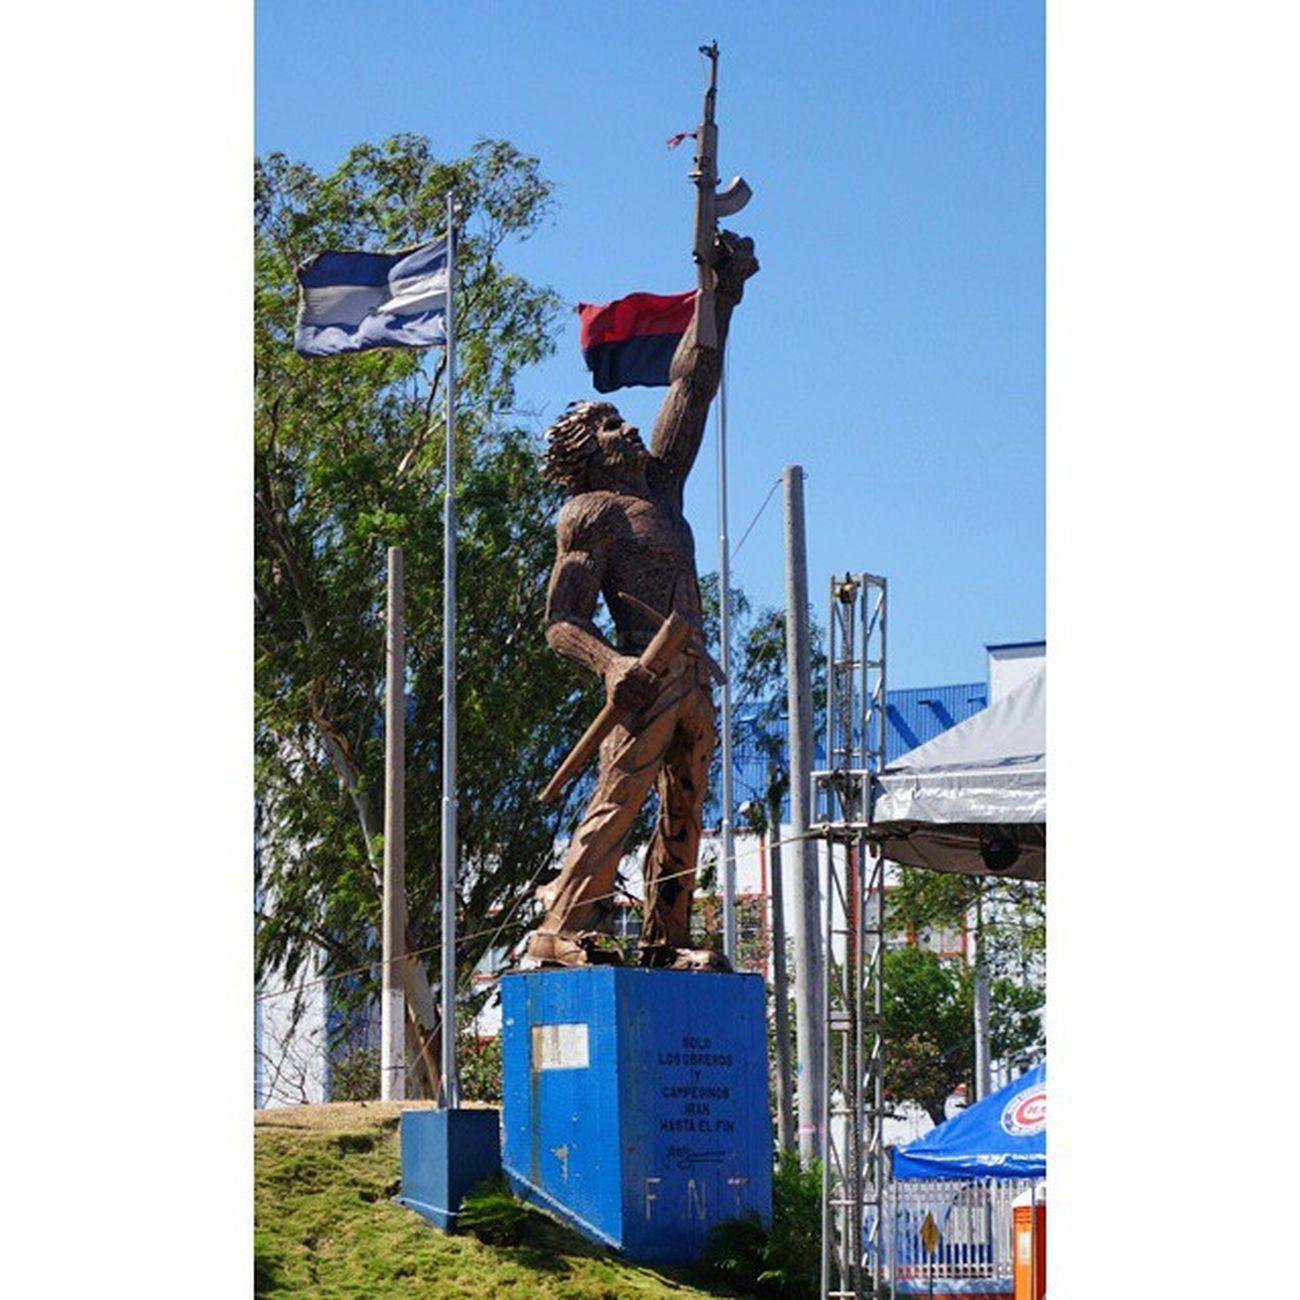 80년 5월이 떠올랐다. Nicaragua Managua